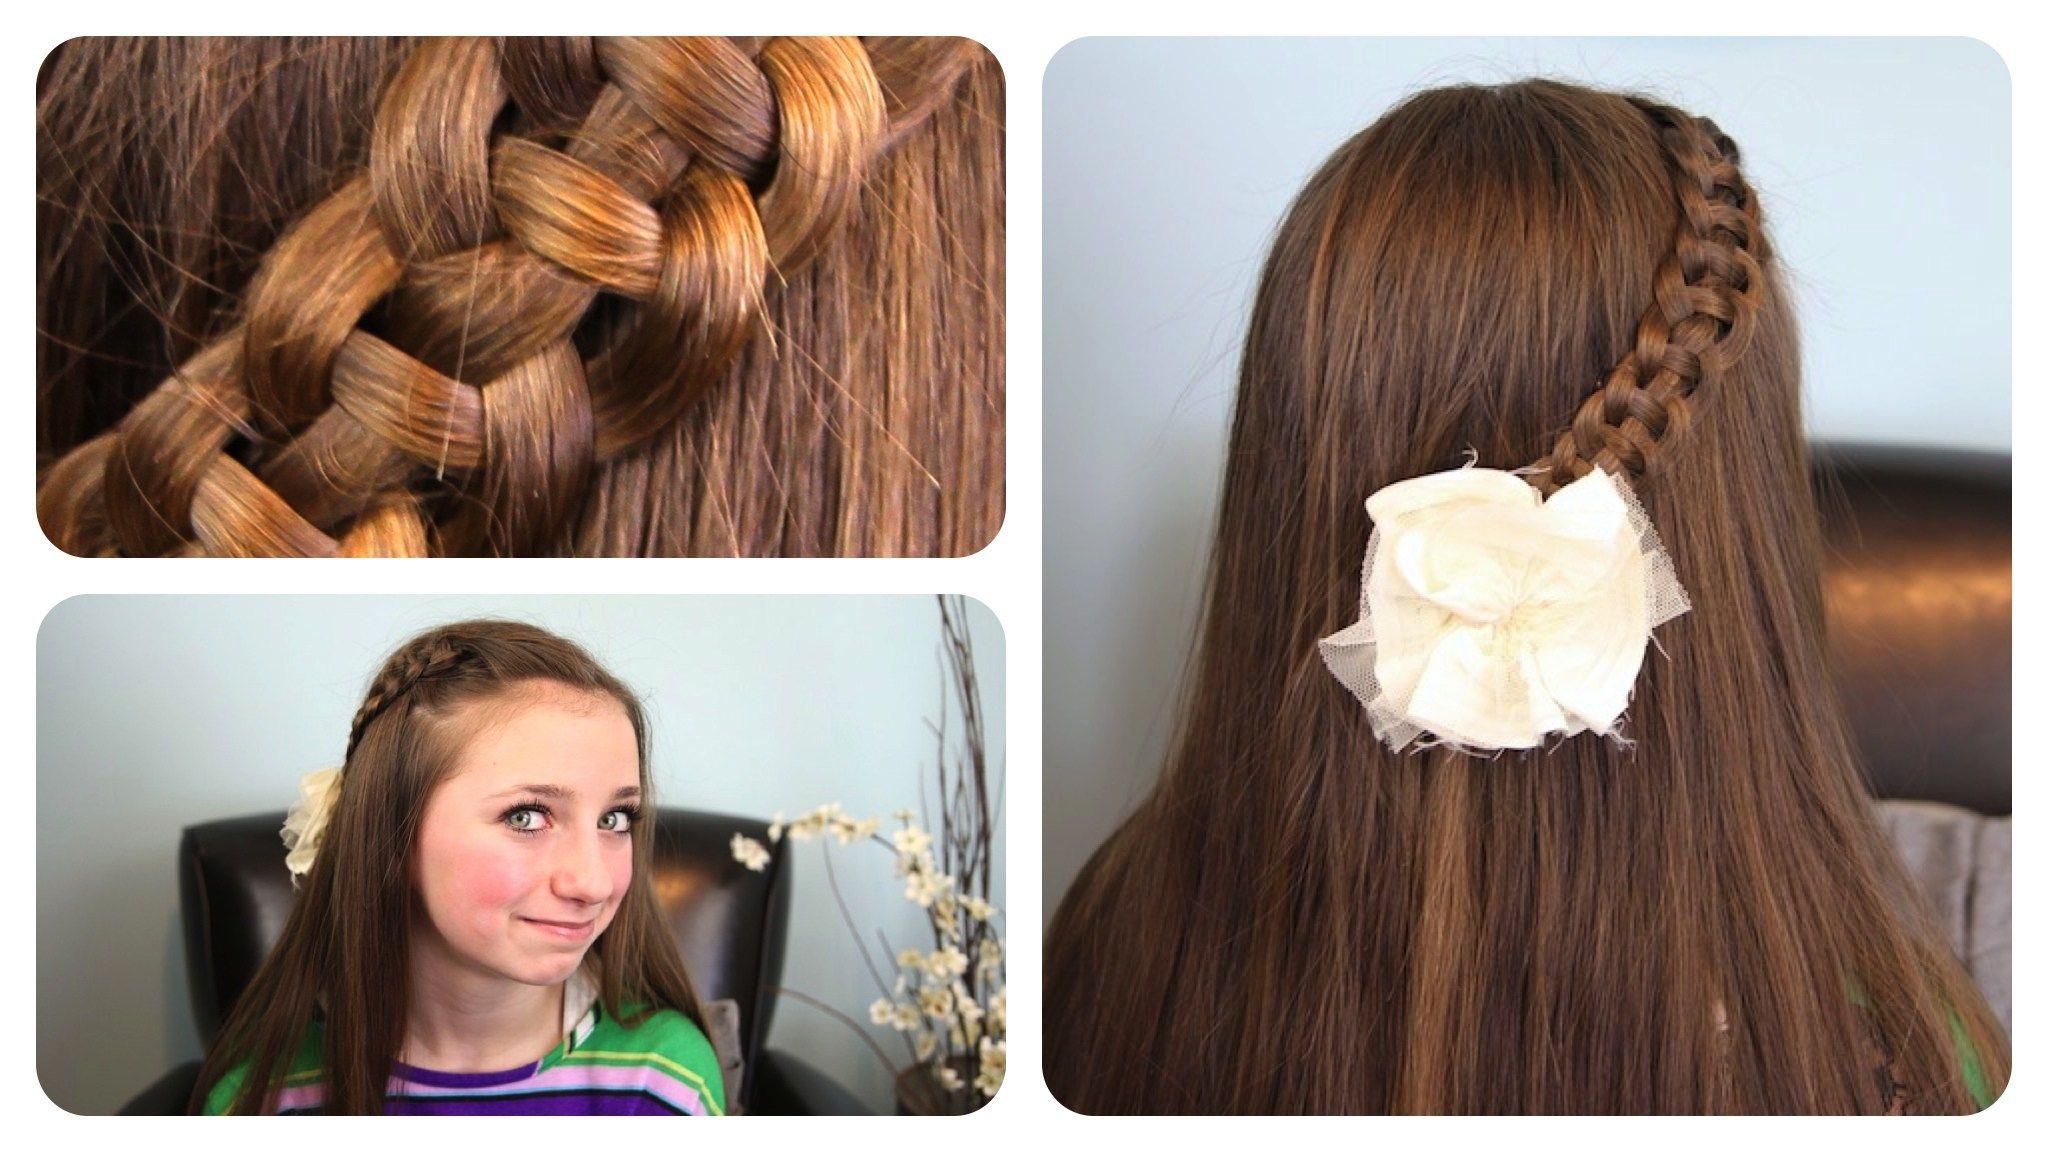 Erstaunlich Schöne Frisuren Für Mädchen Foto Von Schöne Niedliche Aber Einfache #langehaare #mädchen #zöpfe